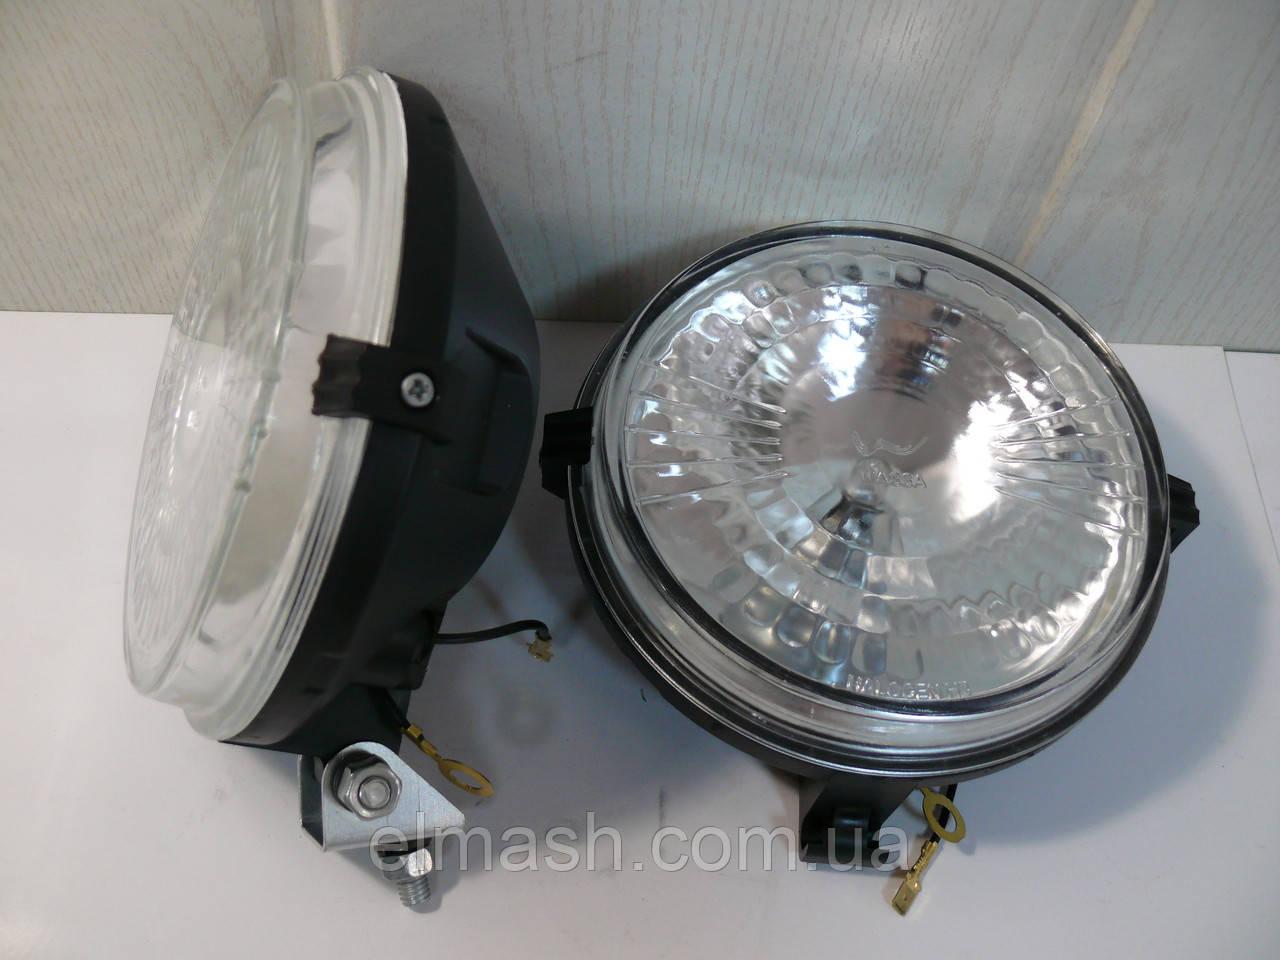 Фара противотуманная МТЗ круглая галогенная лампочка (бел. стекло) (пр-во Украина)